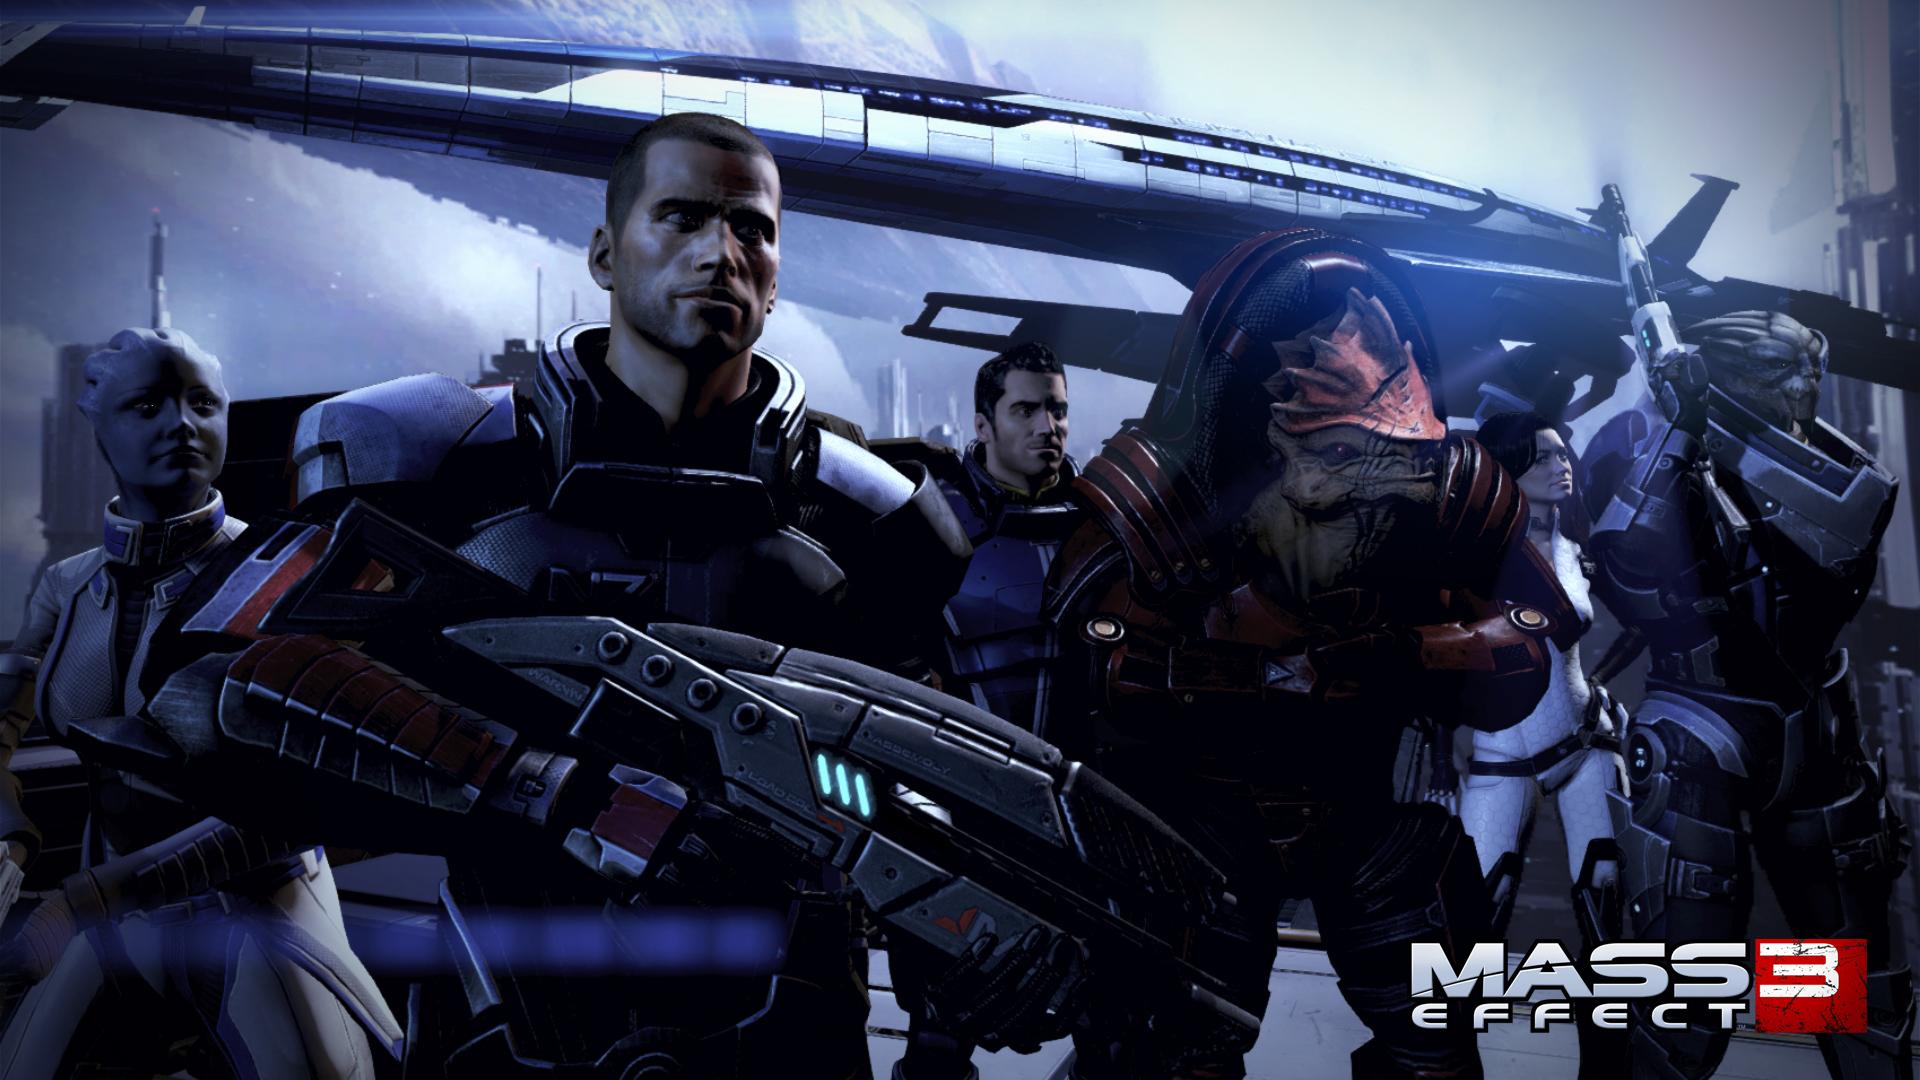 Mass-Effect-3-Citadel-01